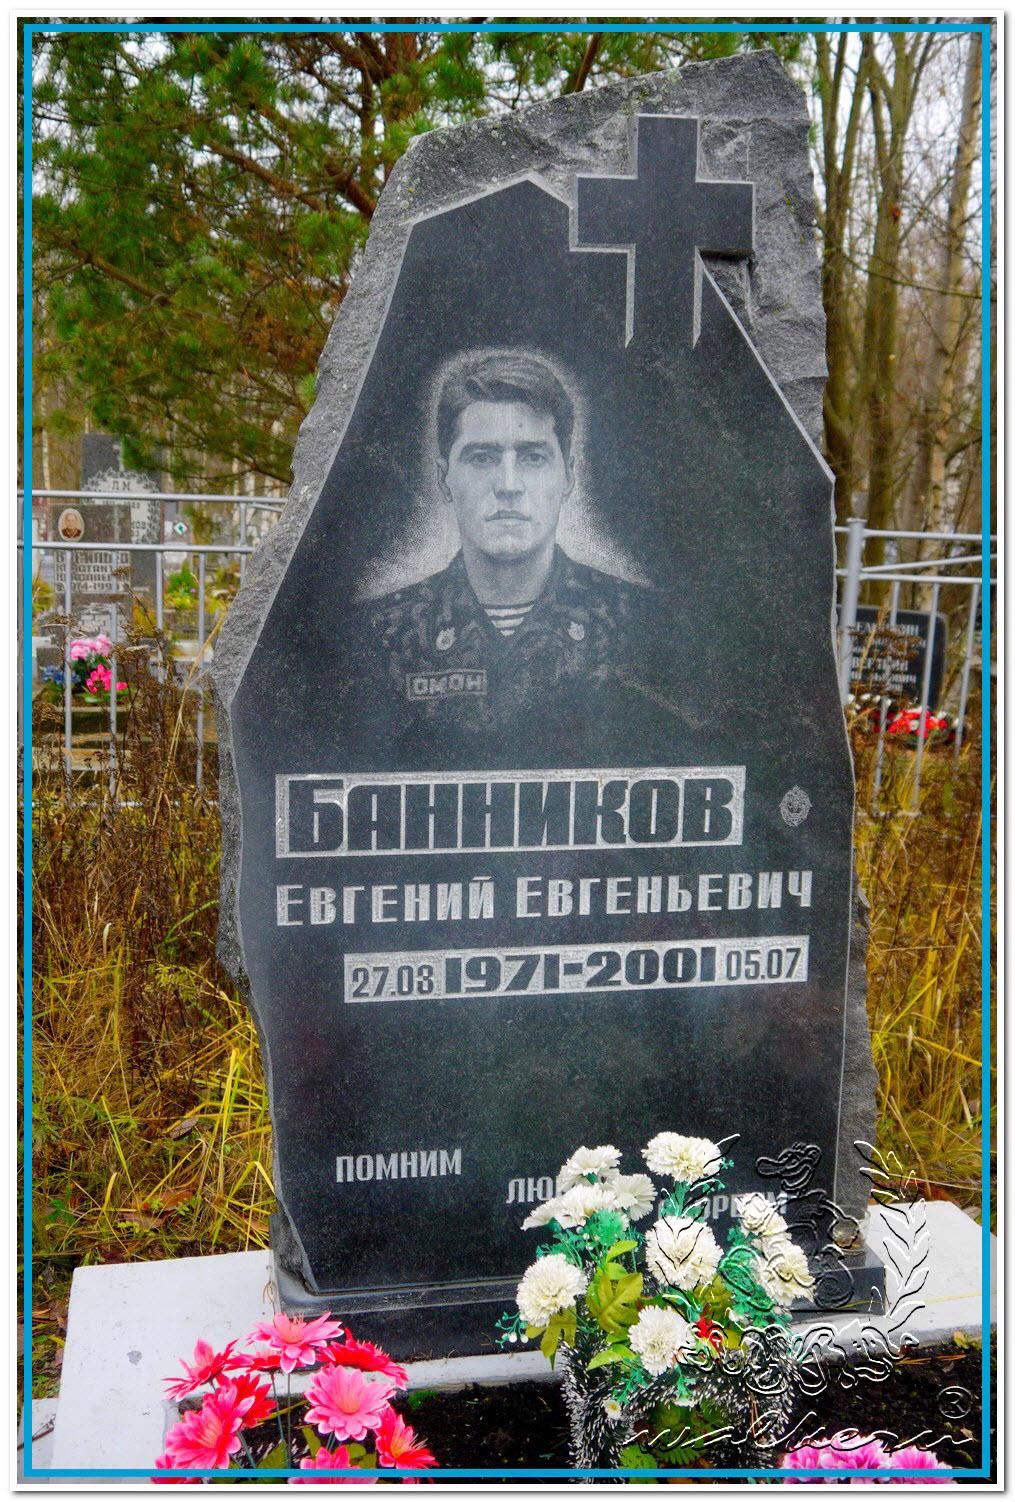 Банников Евгений Евгеньевич